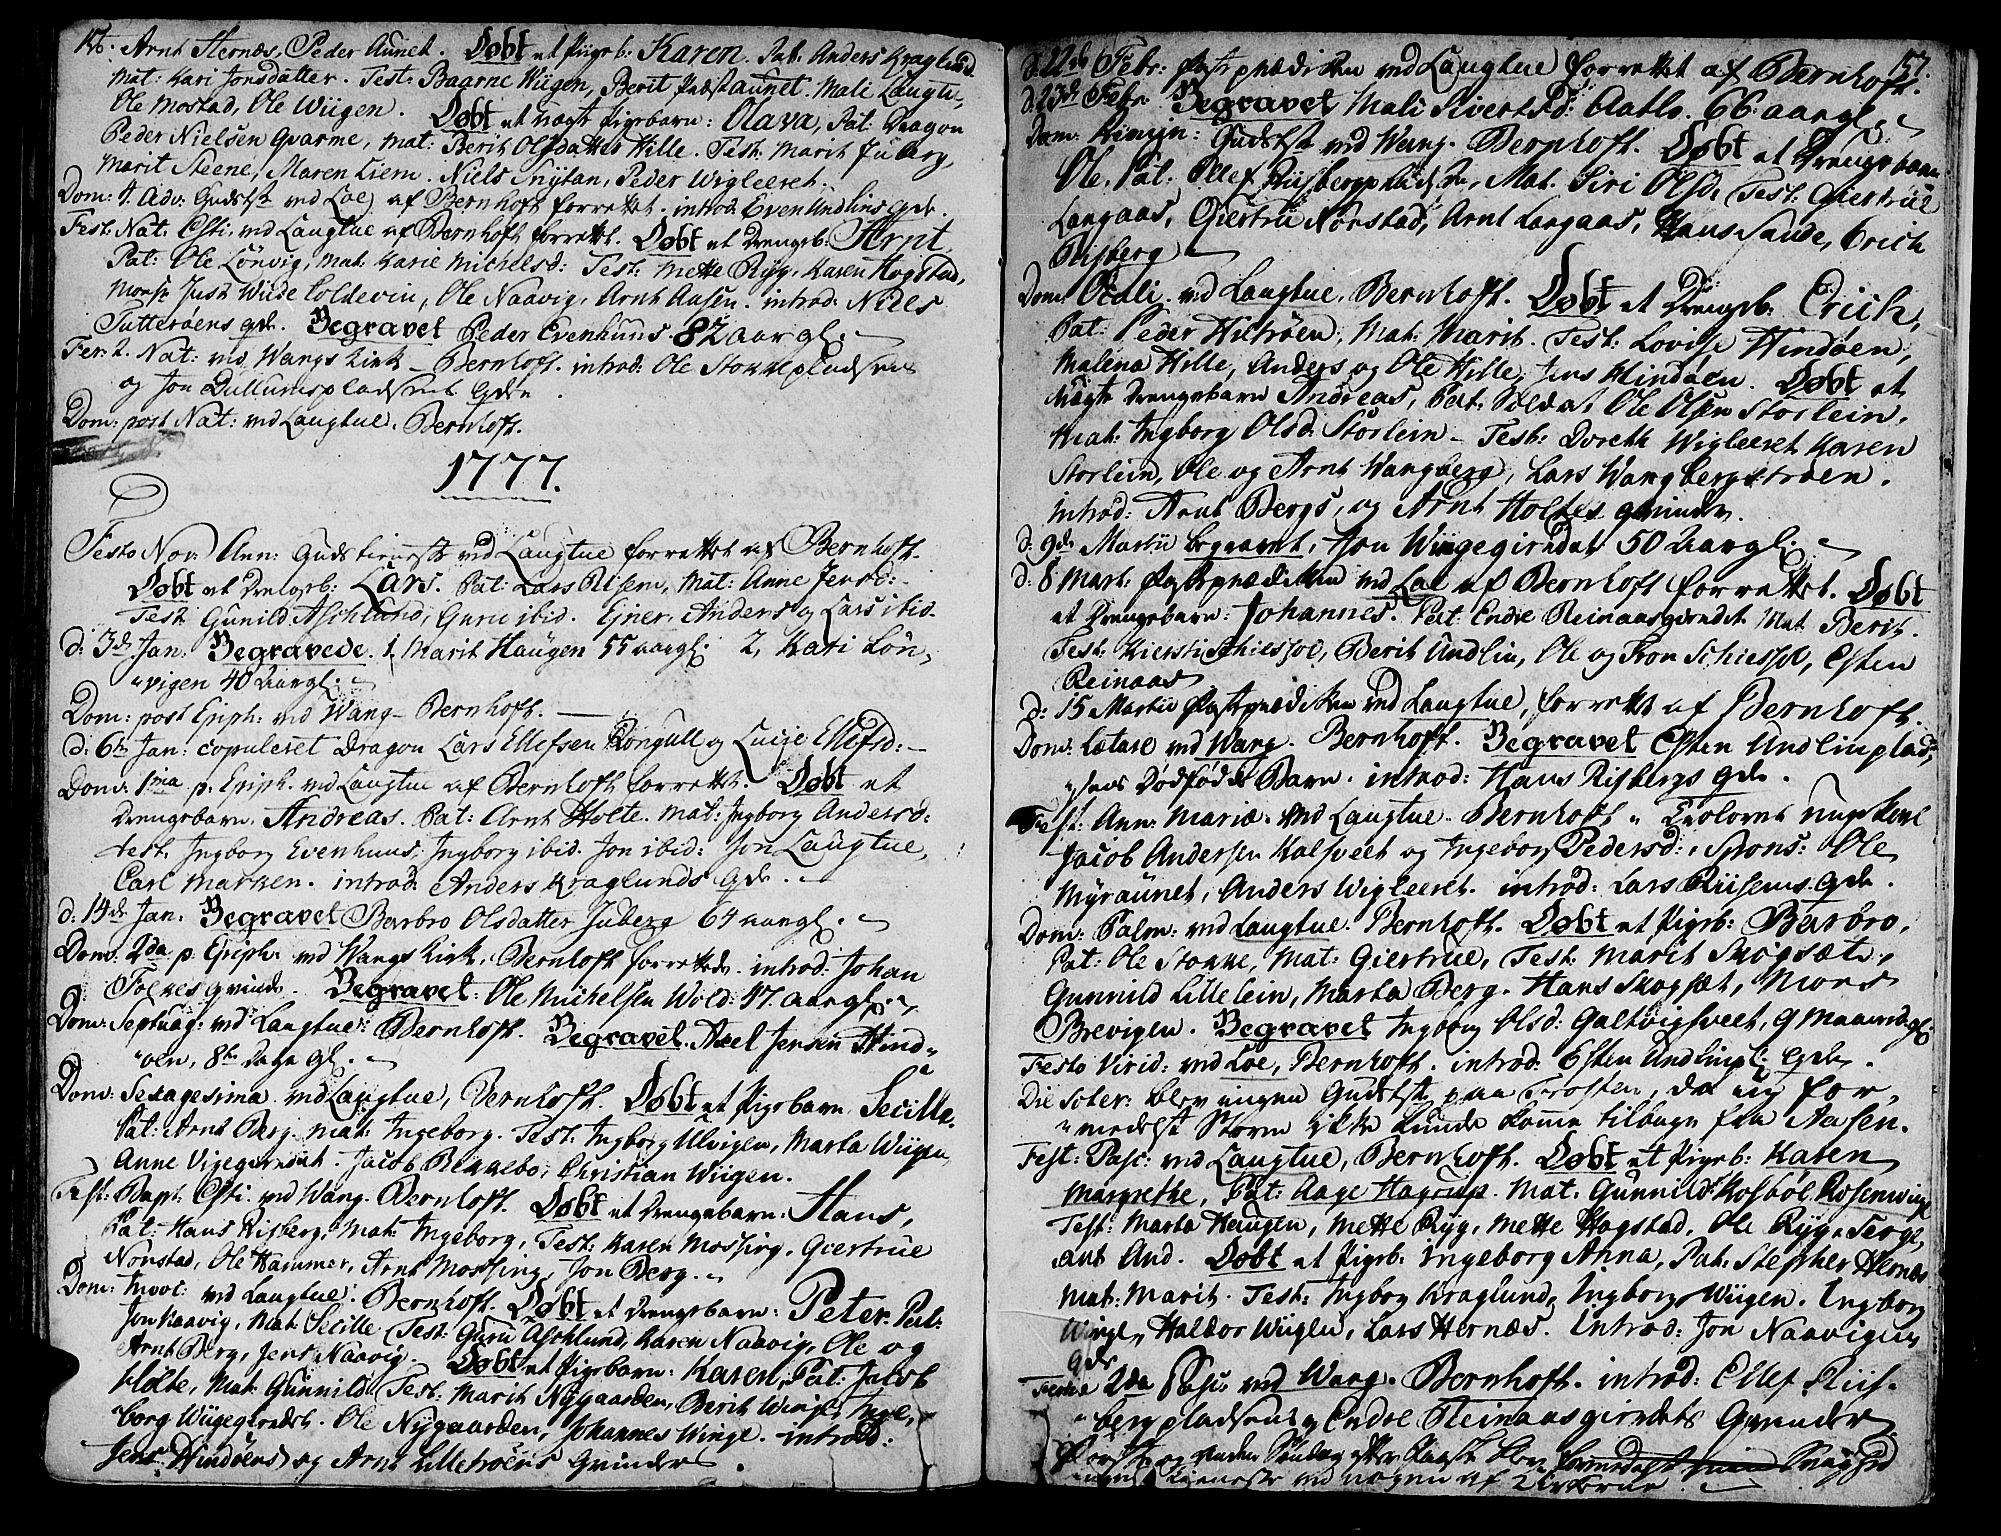 SAT, Ministerialprotokoller, klokkerbøker og fødselsregistre - Nord-Trøndelag, 713/L0109: Ministerialbok nr. 713A01, 1750-1778, s. 156-157